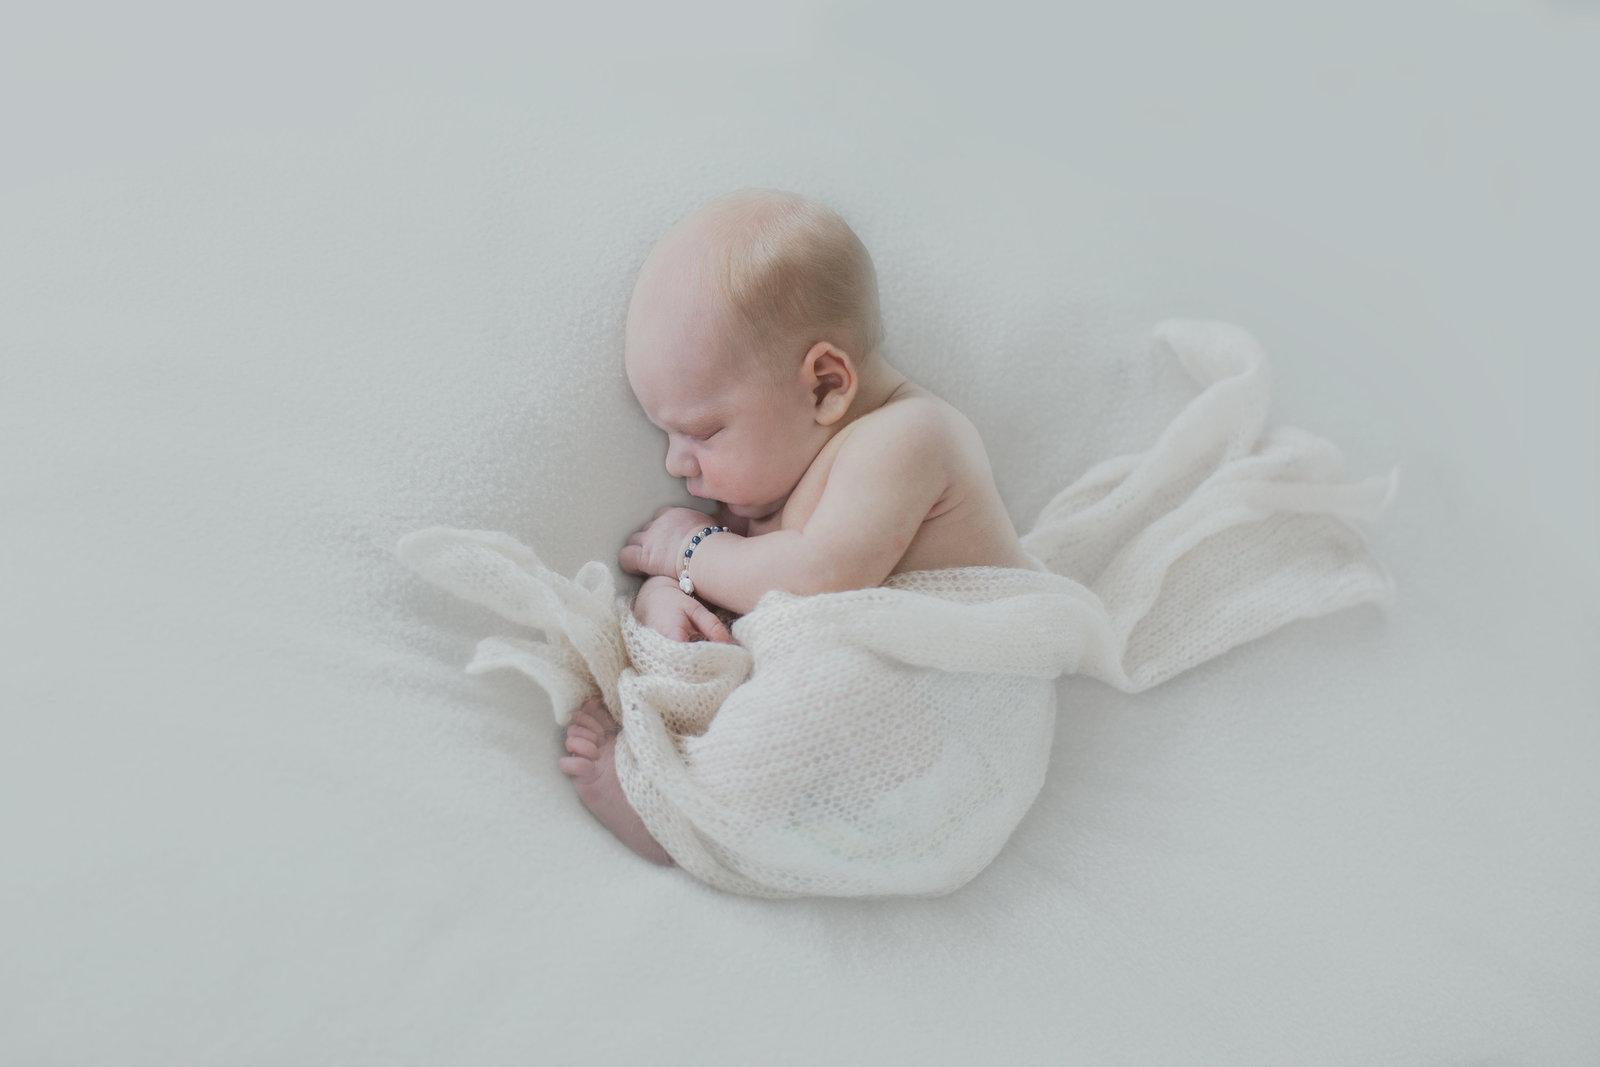 jeanine-linder-babyfotografin-bern_8